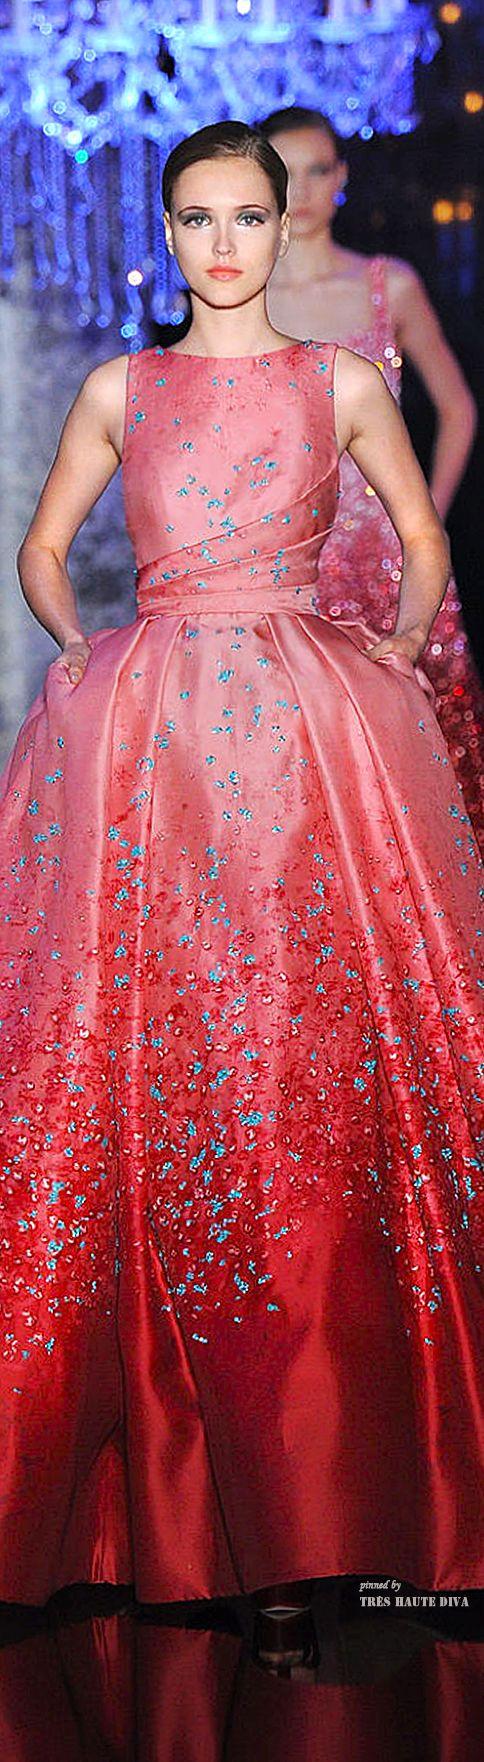 Elie Saab. | Dresses | Pinterest | Degradados de colores, Tus sueños ...